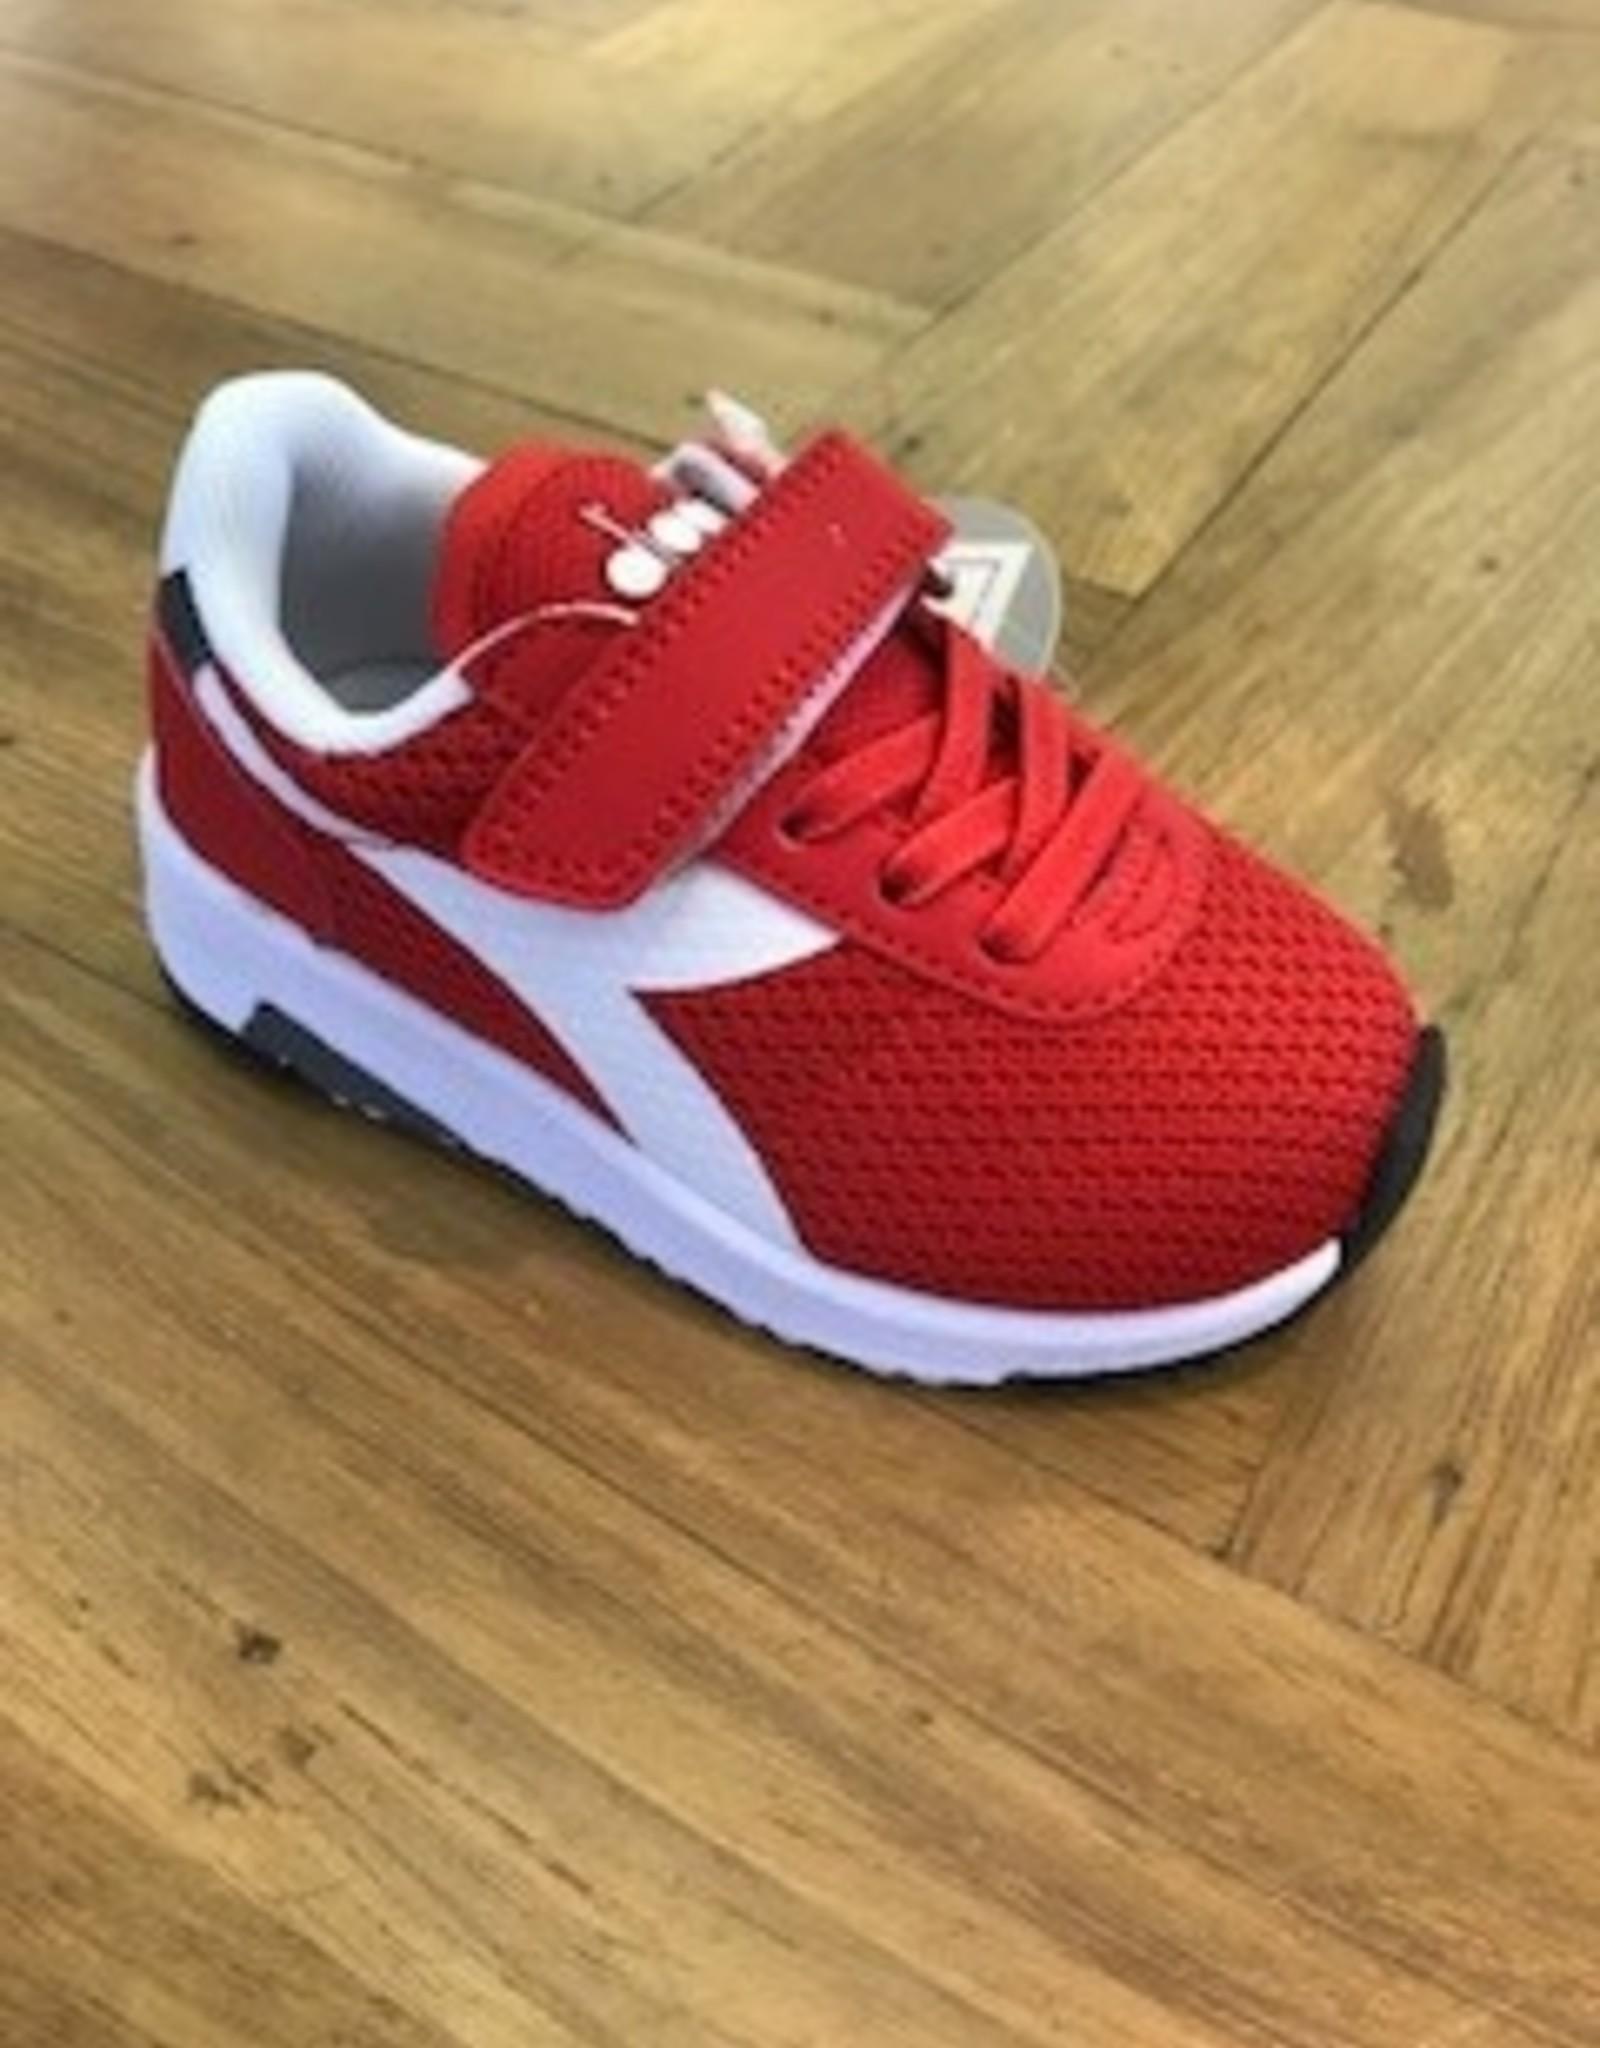 Diadora 101.174387 Evo Run TD Red